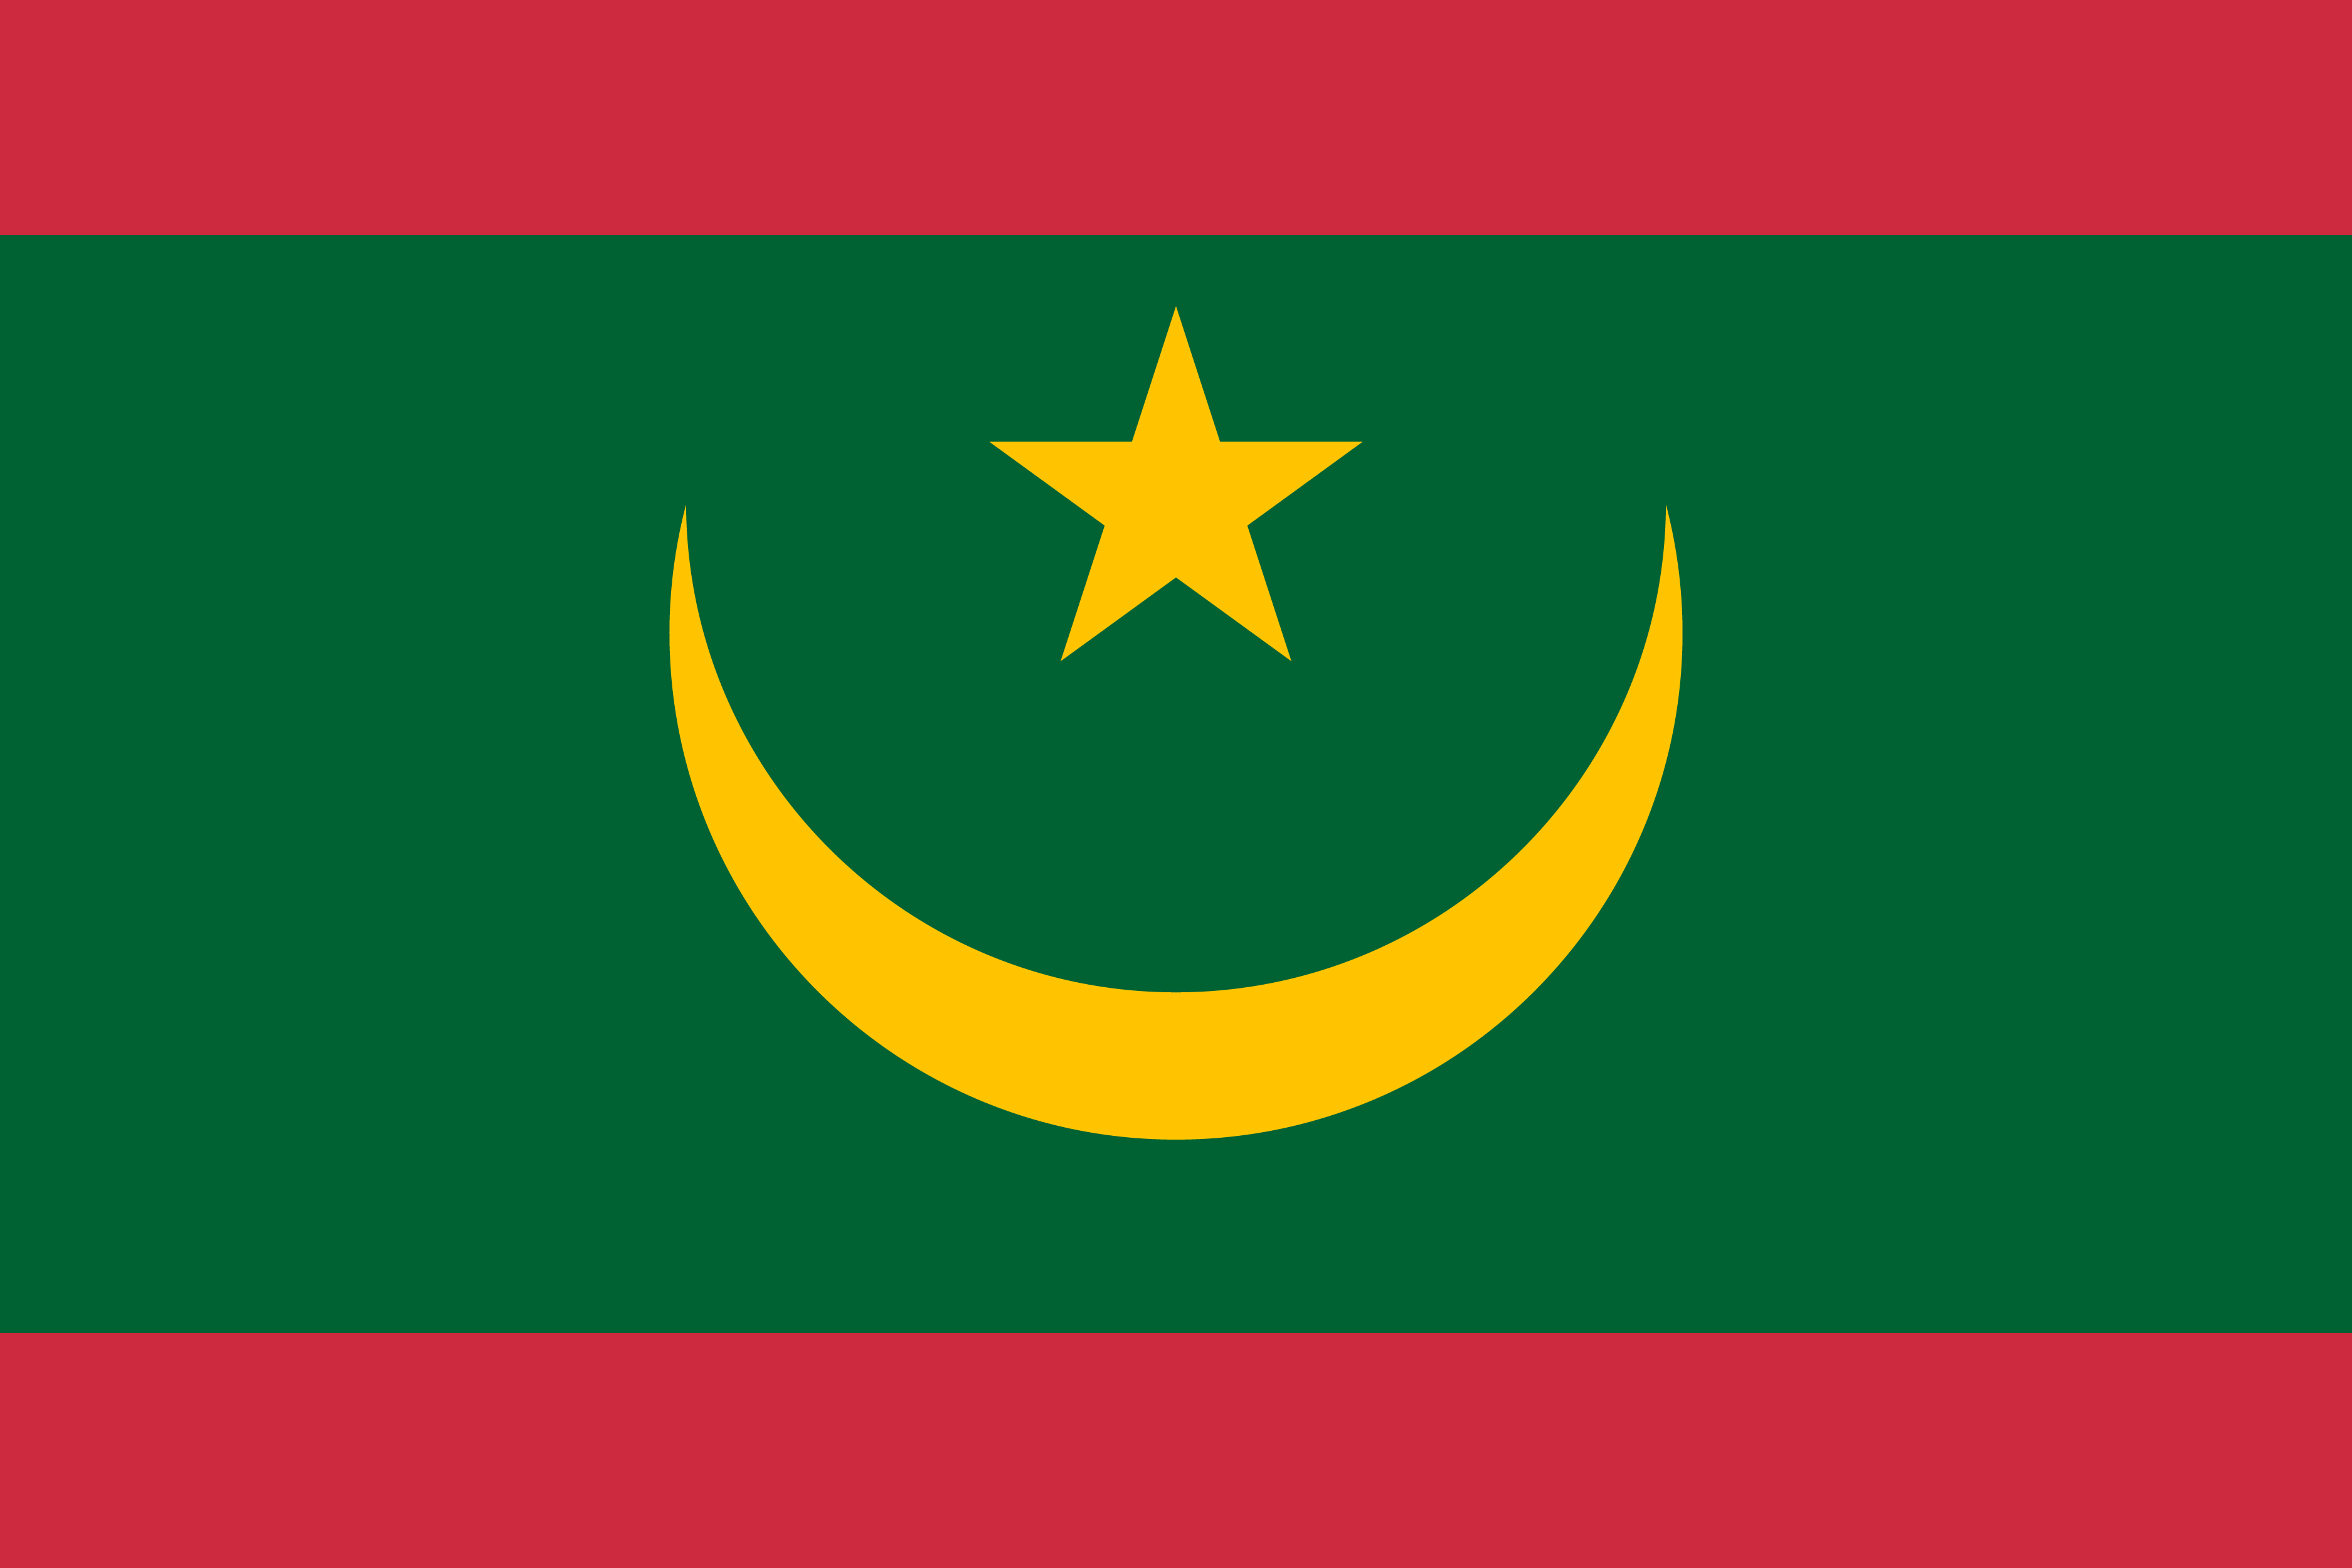 flag sticker of Mauritania